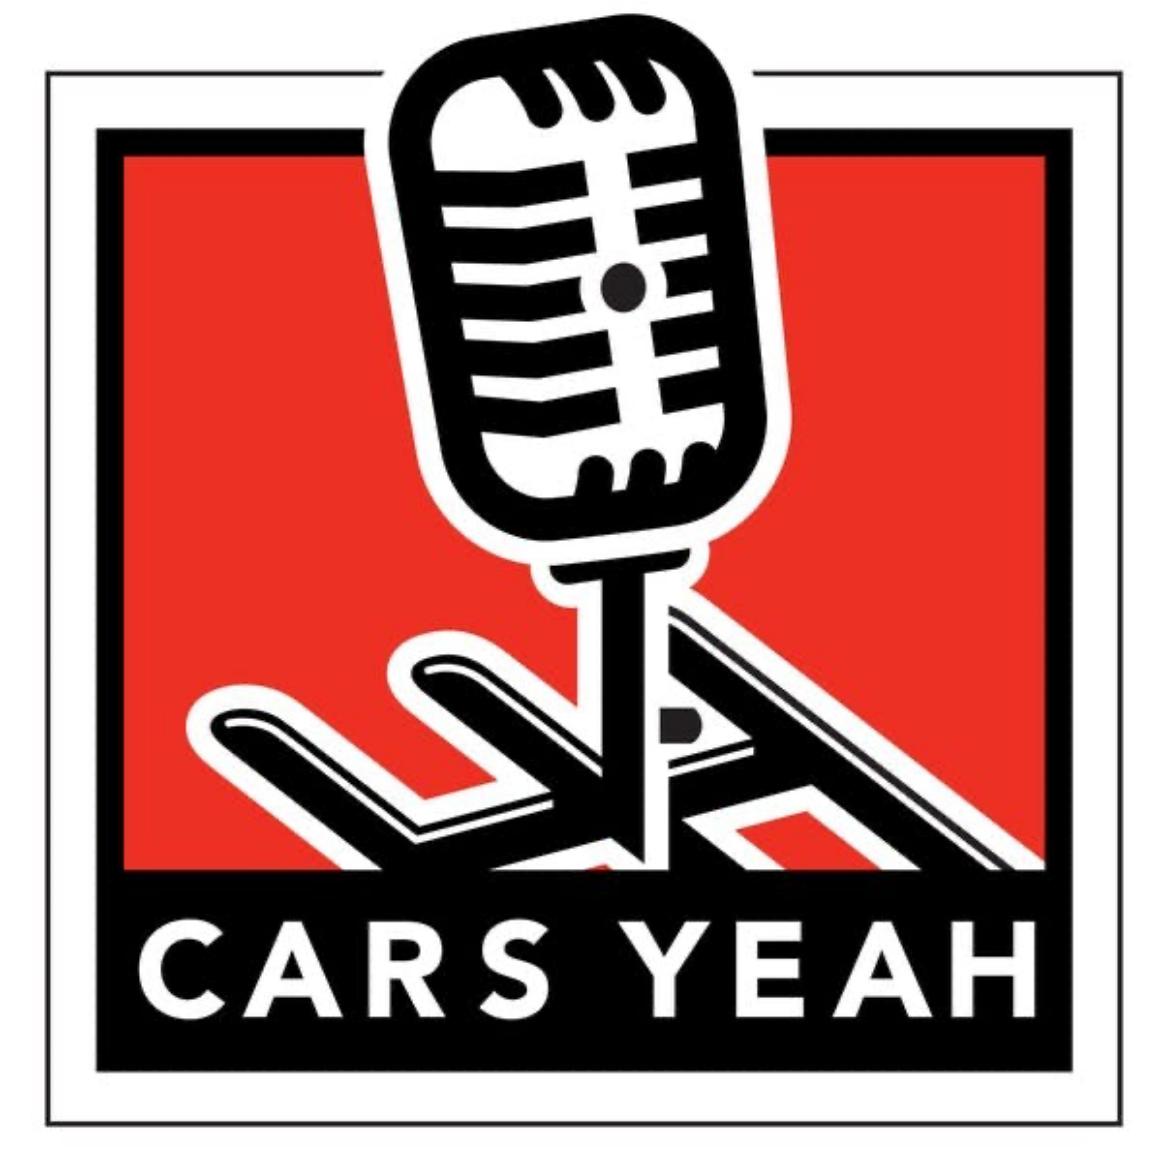 Cars Yeah Logo